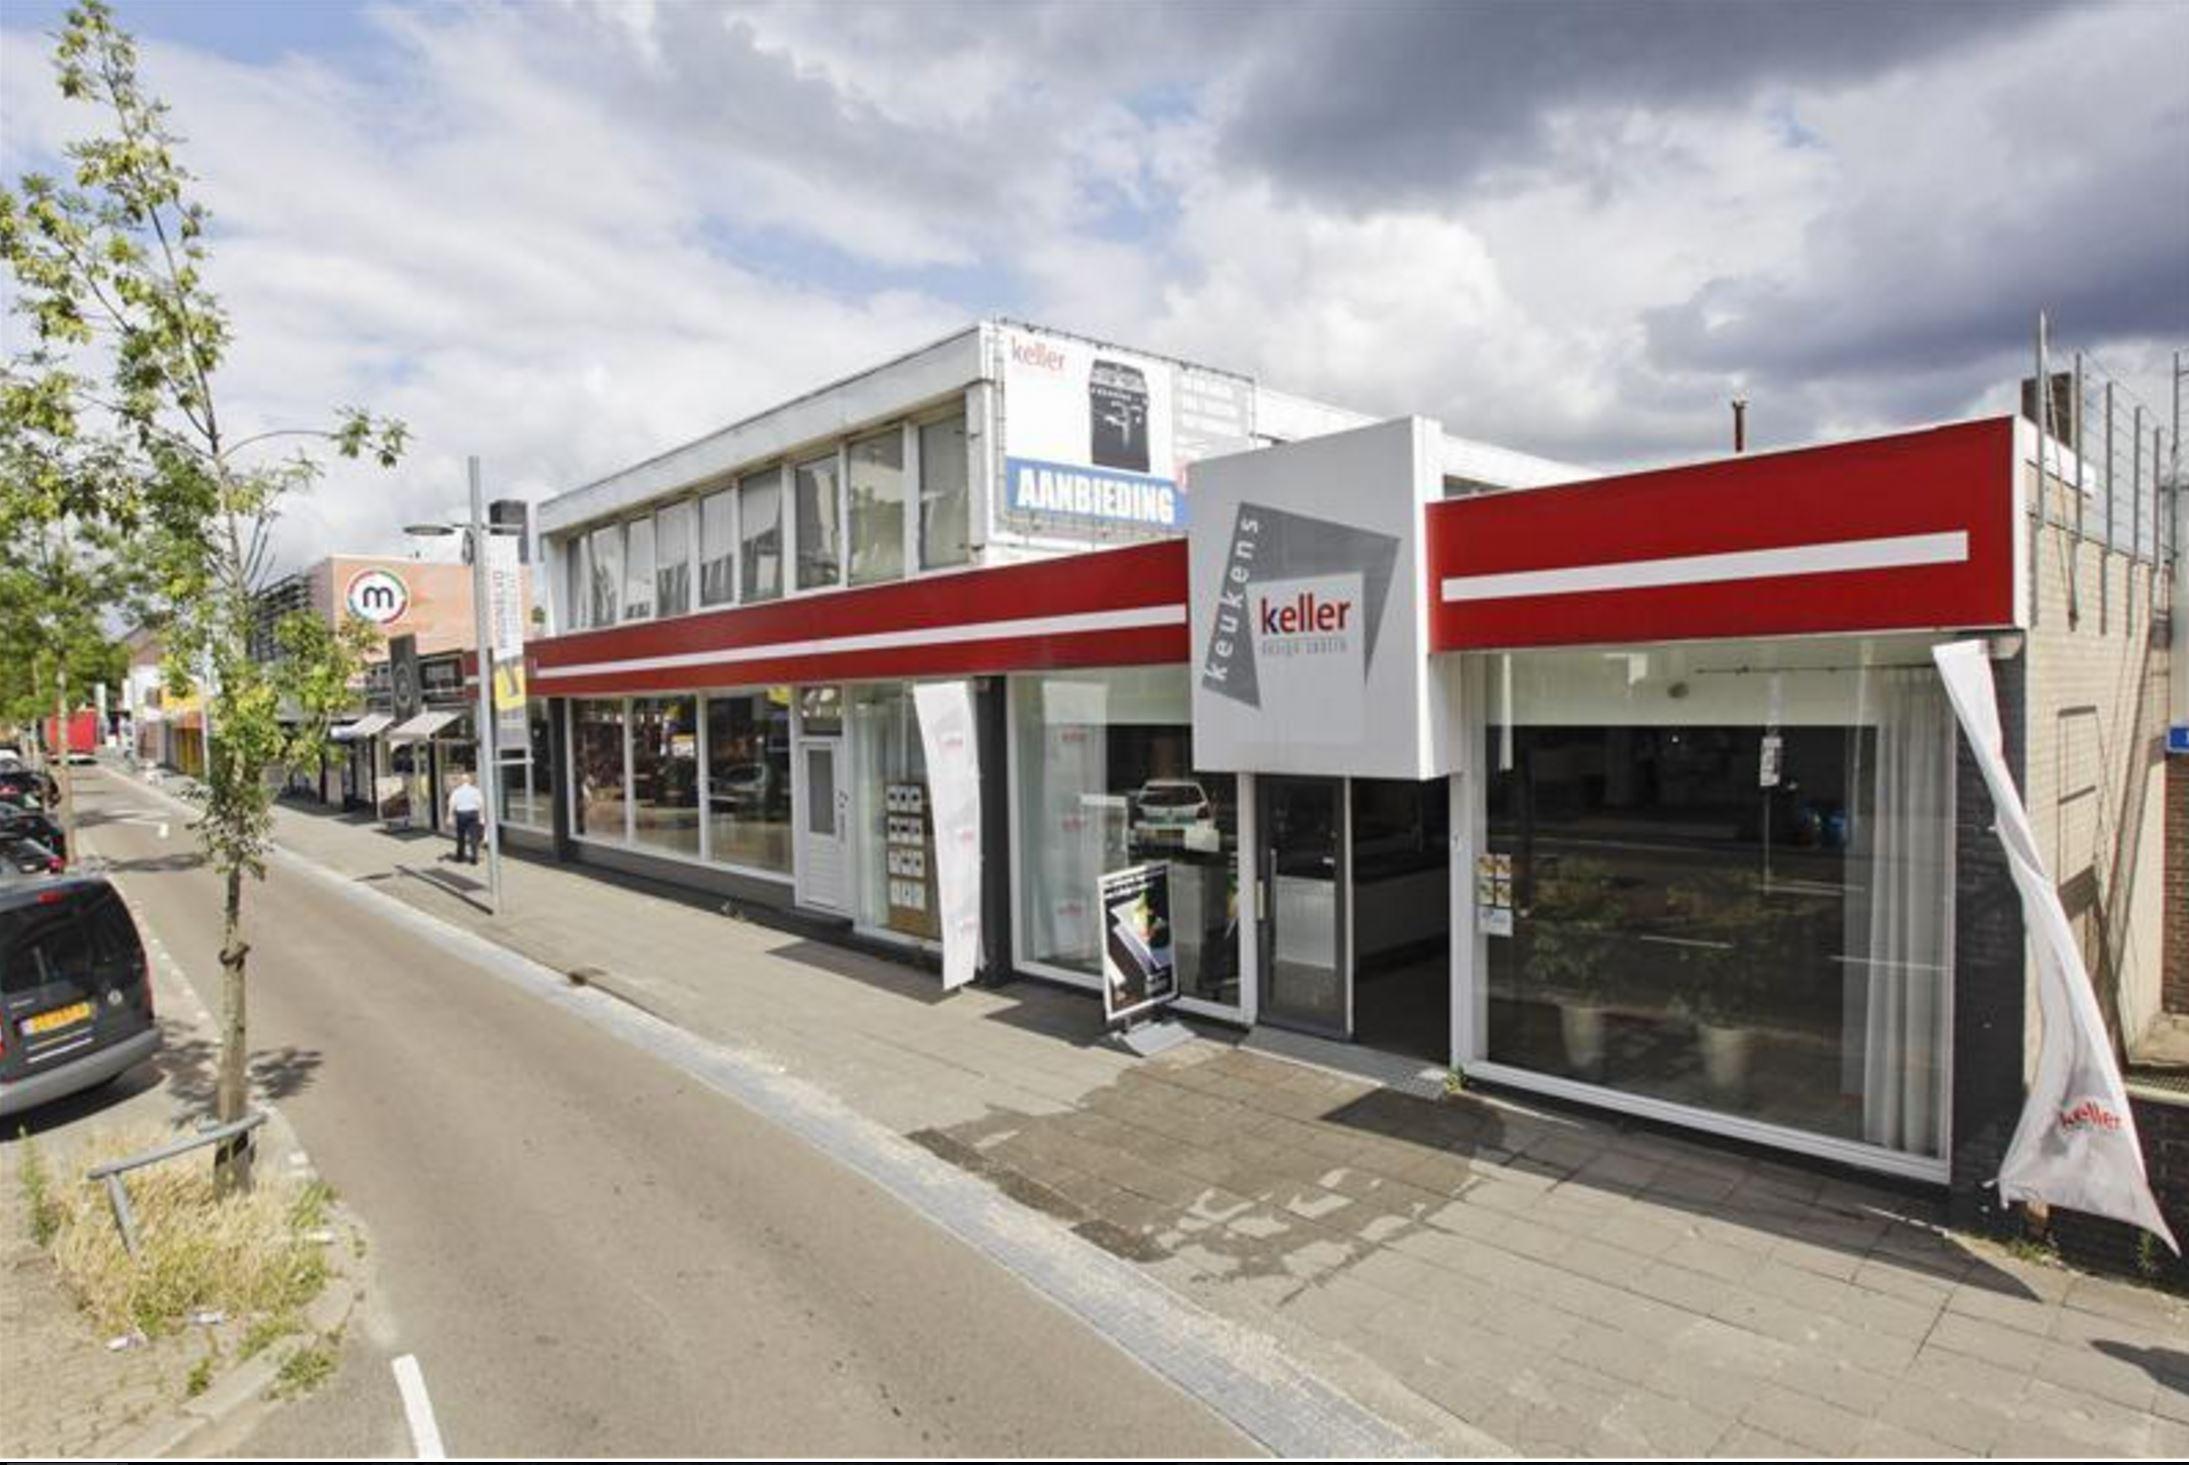 Keukens Utrecht Woonboulevard : Floor outlet huurt grootschalige locatie aan de hollantlaan 5 7 te